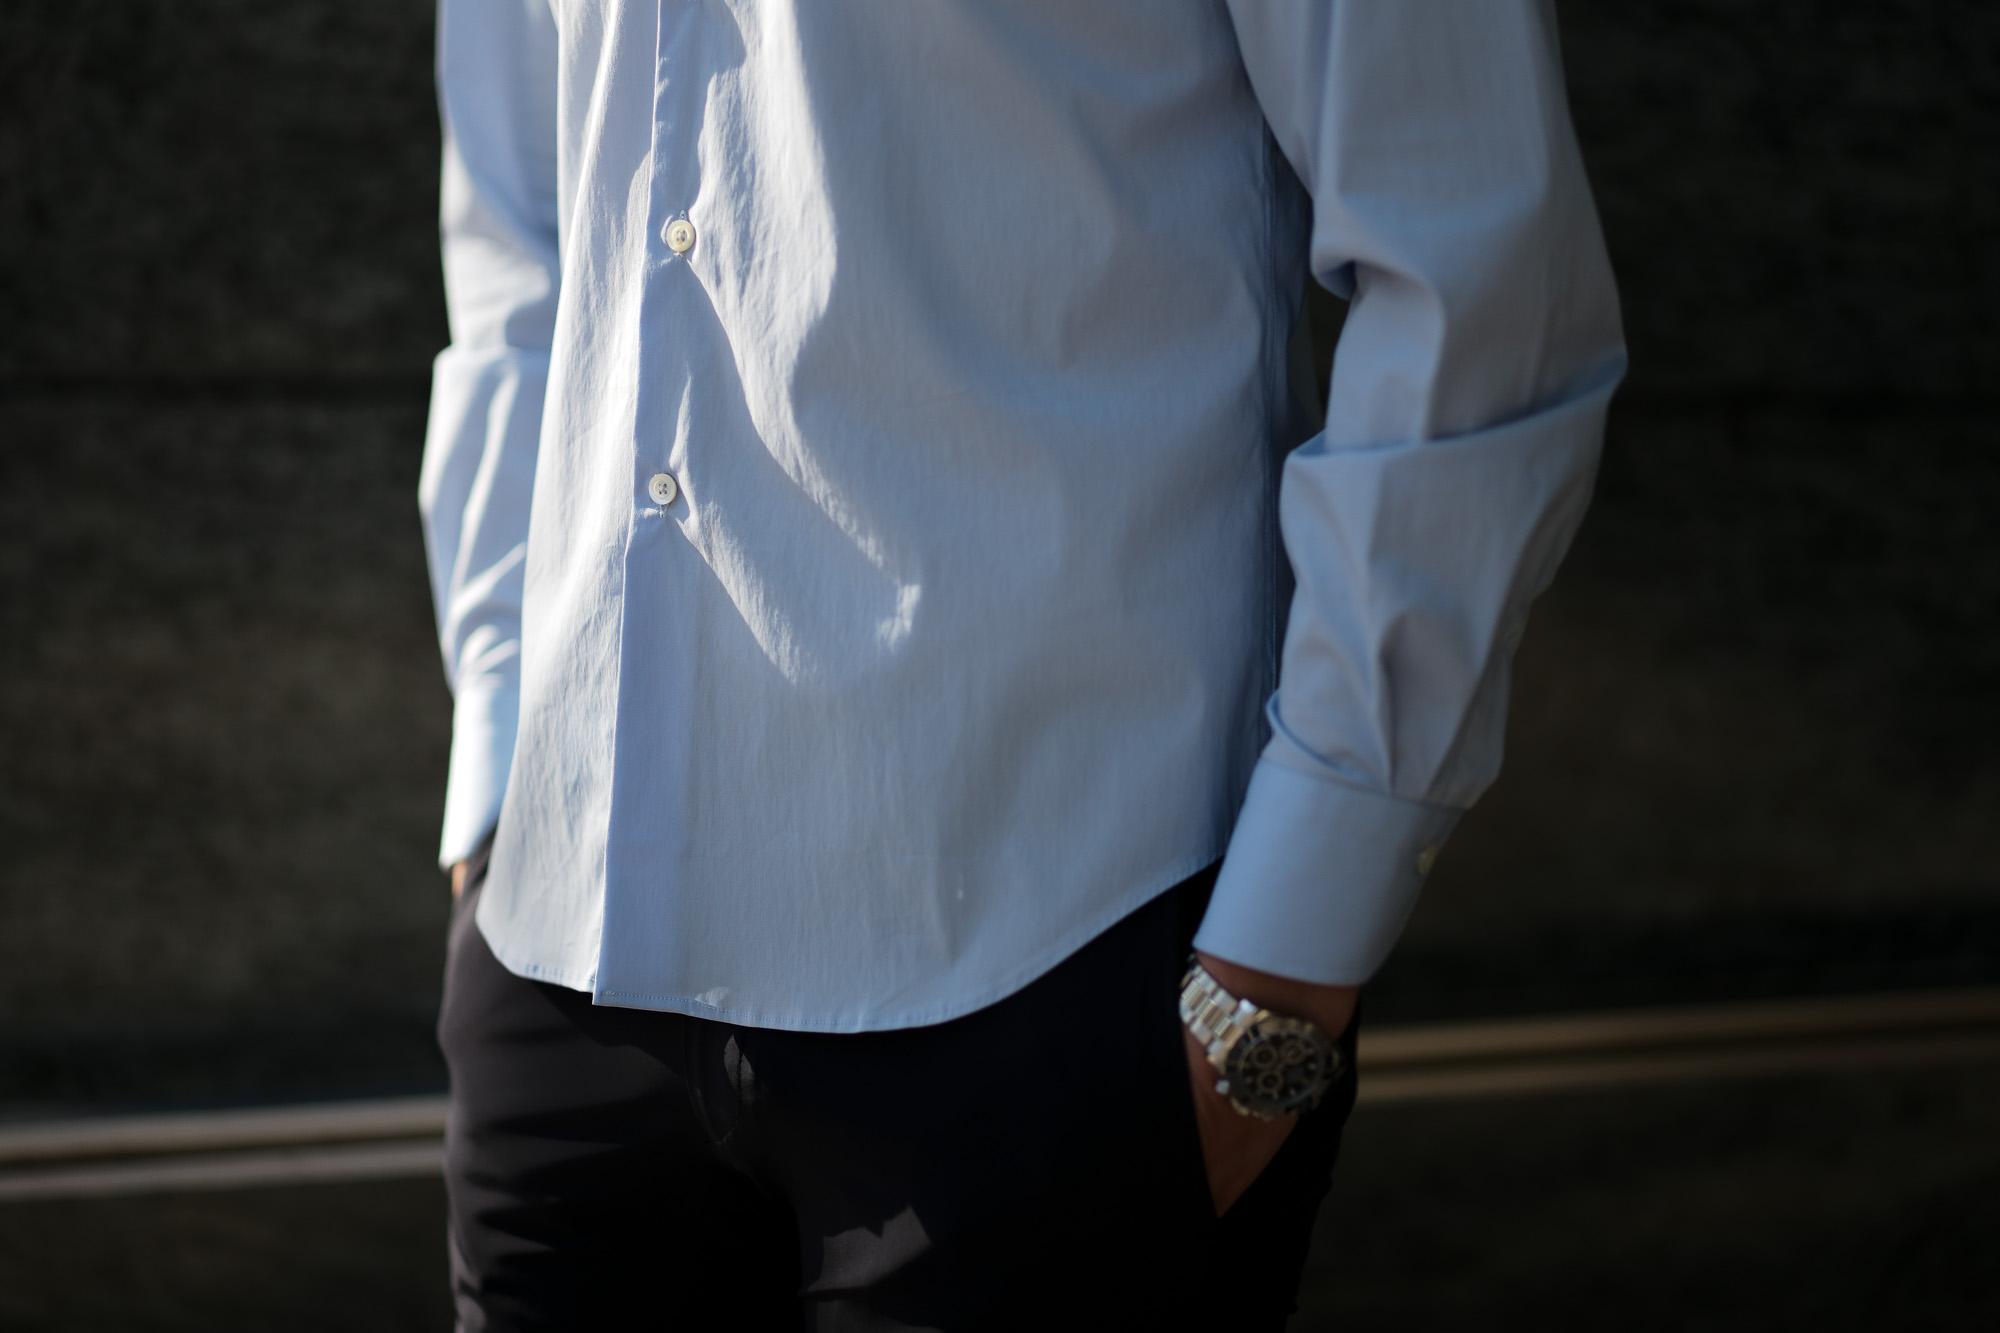 cuervo bopoha(クエルボ ヴァローナ) Sartoria Collection (サルトリア コレクション) Pier(ピエル) STRETCH COTTON ストレッチコットン シャツ SAX (サックス) MADE IN ITALY (イタリア製) 2020 春夏新作 イタリアシャツ 愛知 名古屋 altoediritto アルトエデリット